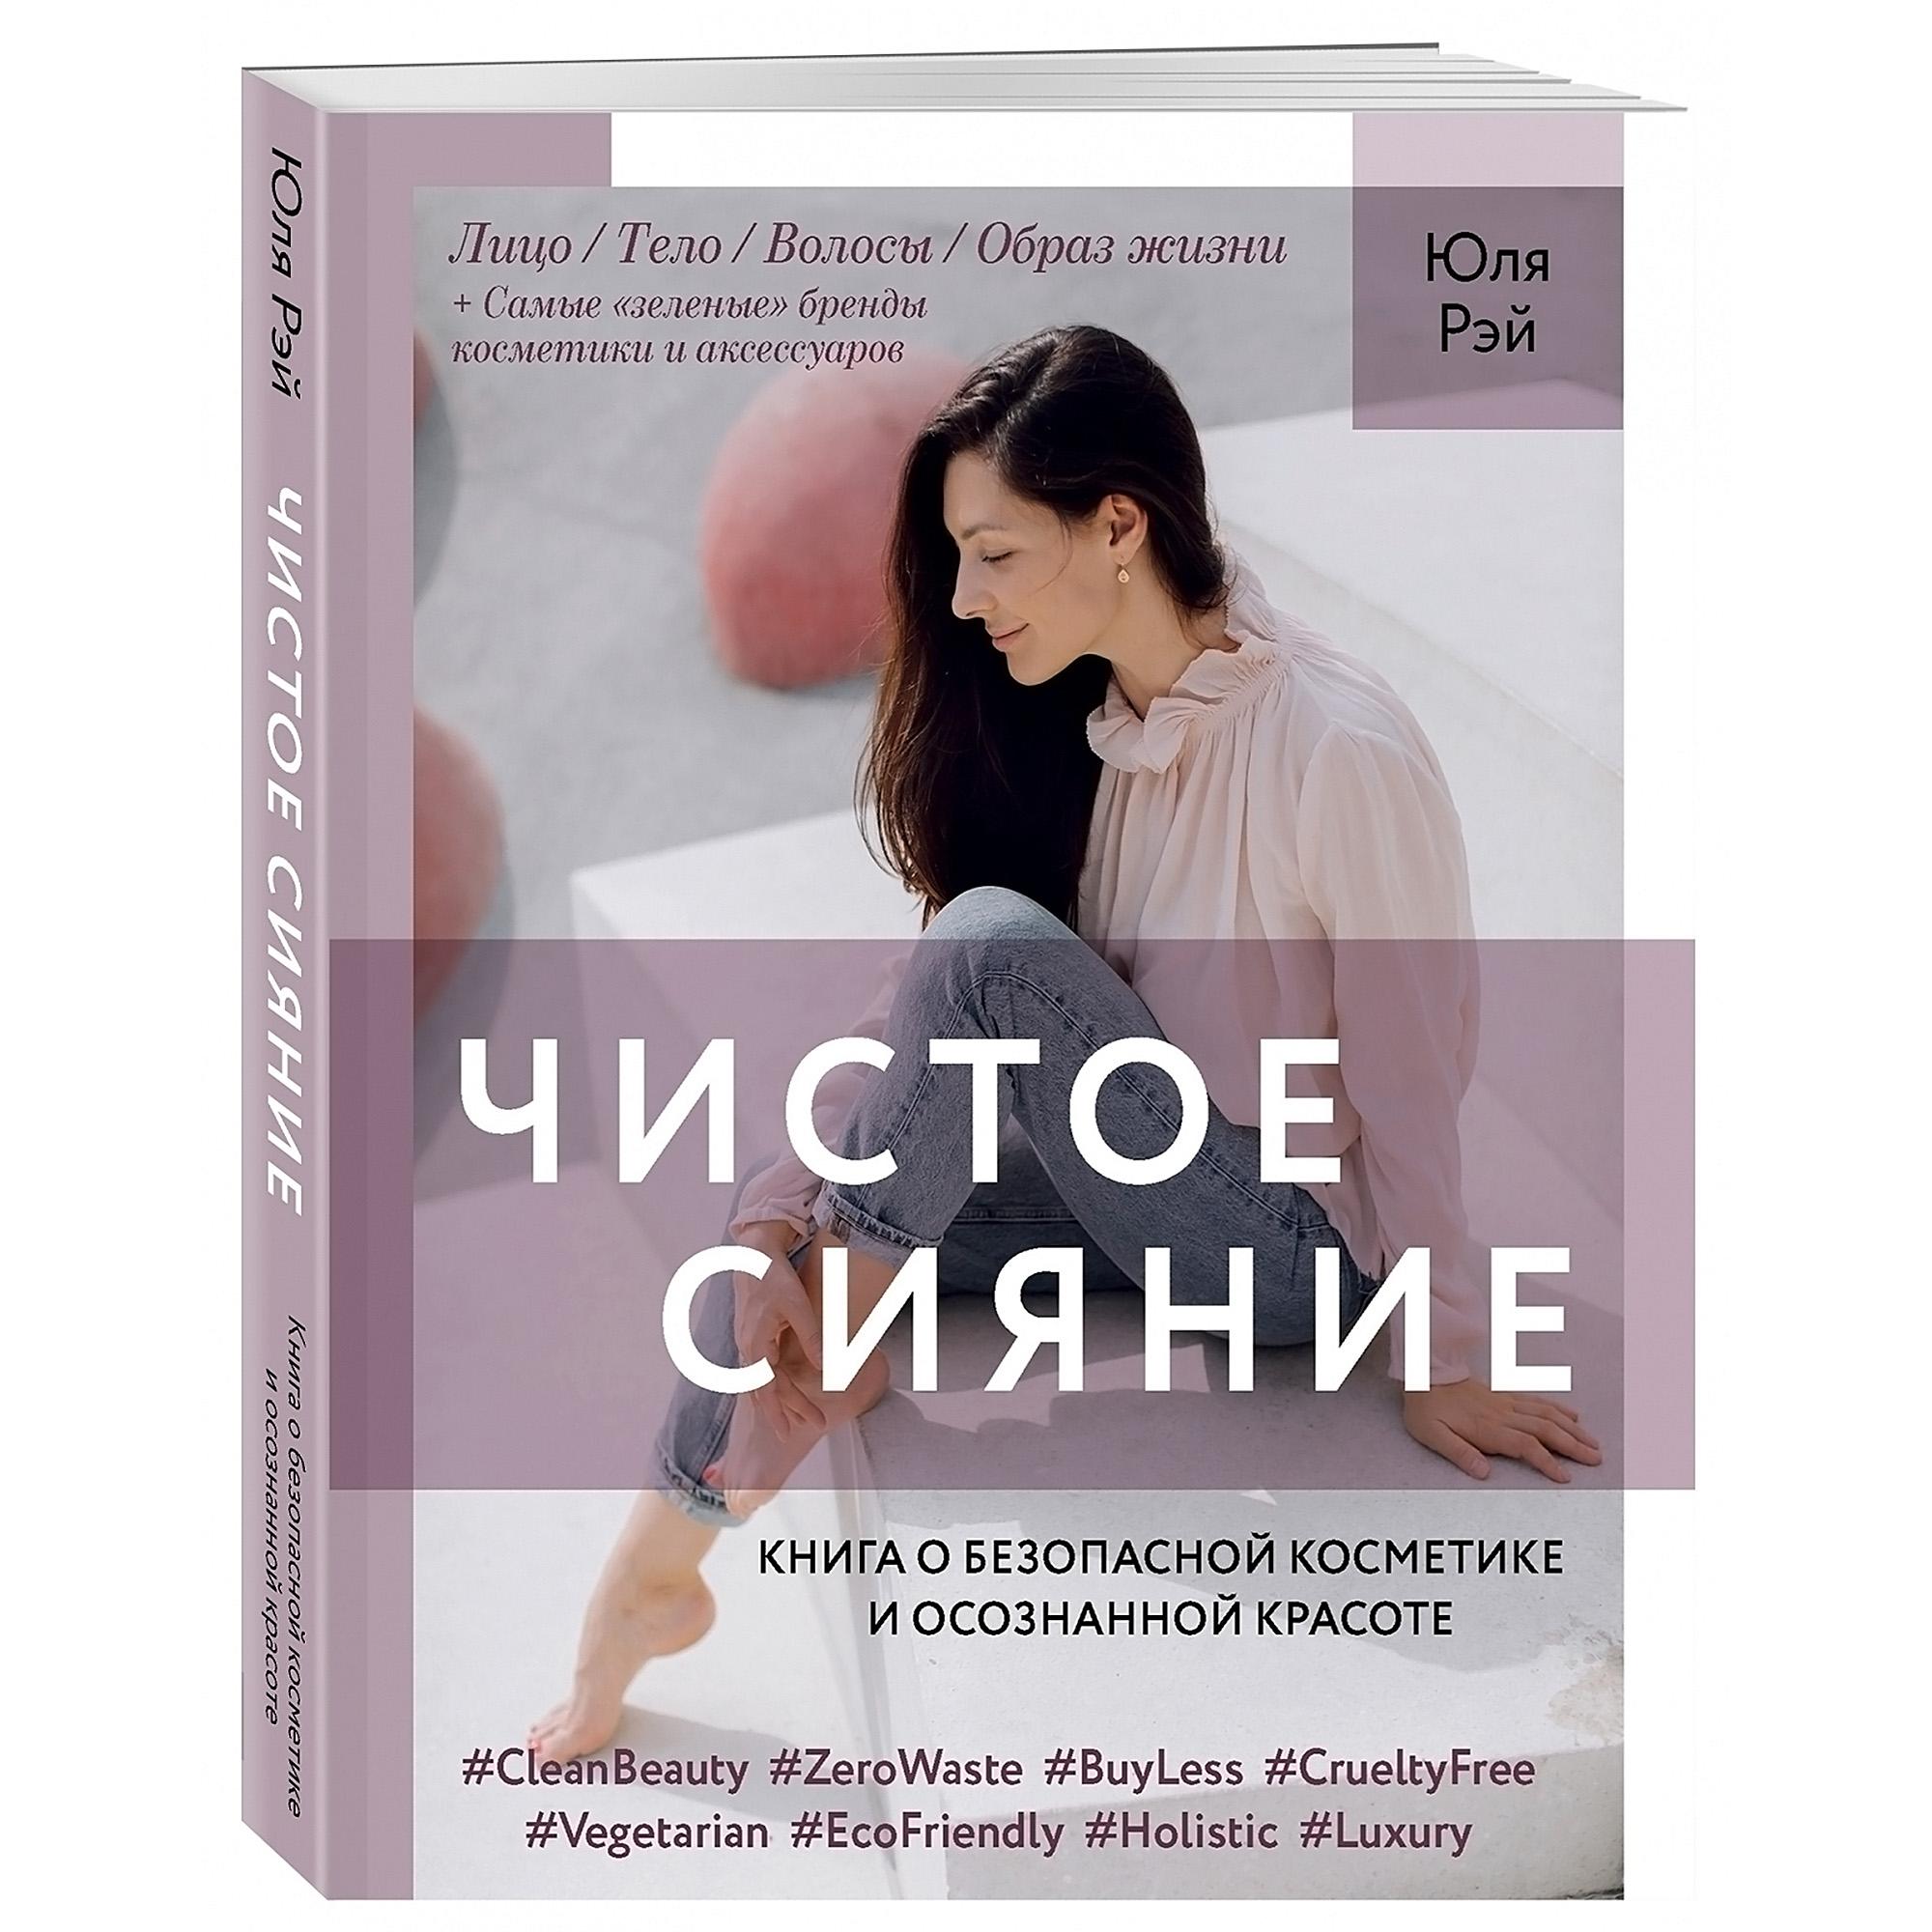 Книга КП Чистое Сияние. Книга КП о безопасной косметике и осознанной красоте